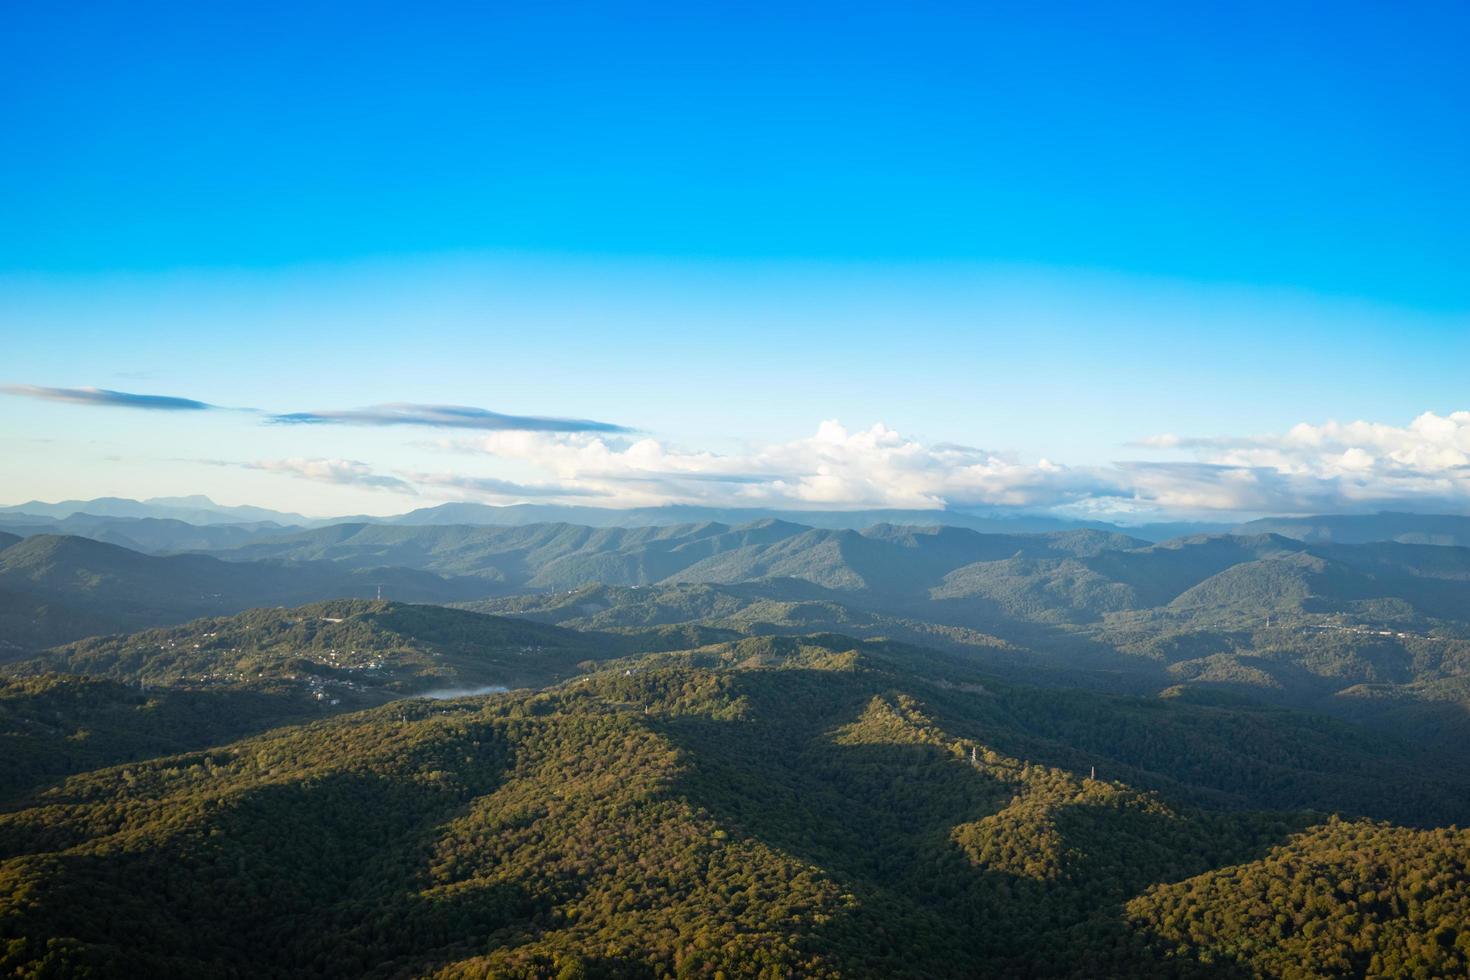 Vue aérienne des montagnes et des forêts de Sotchi, Russie photo